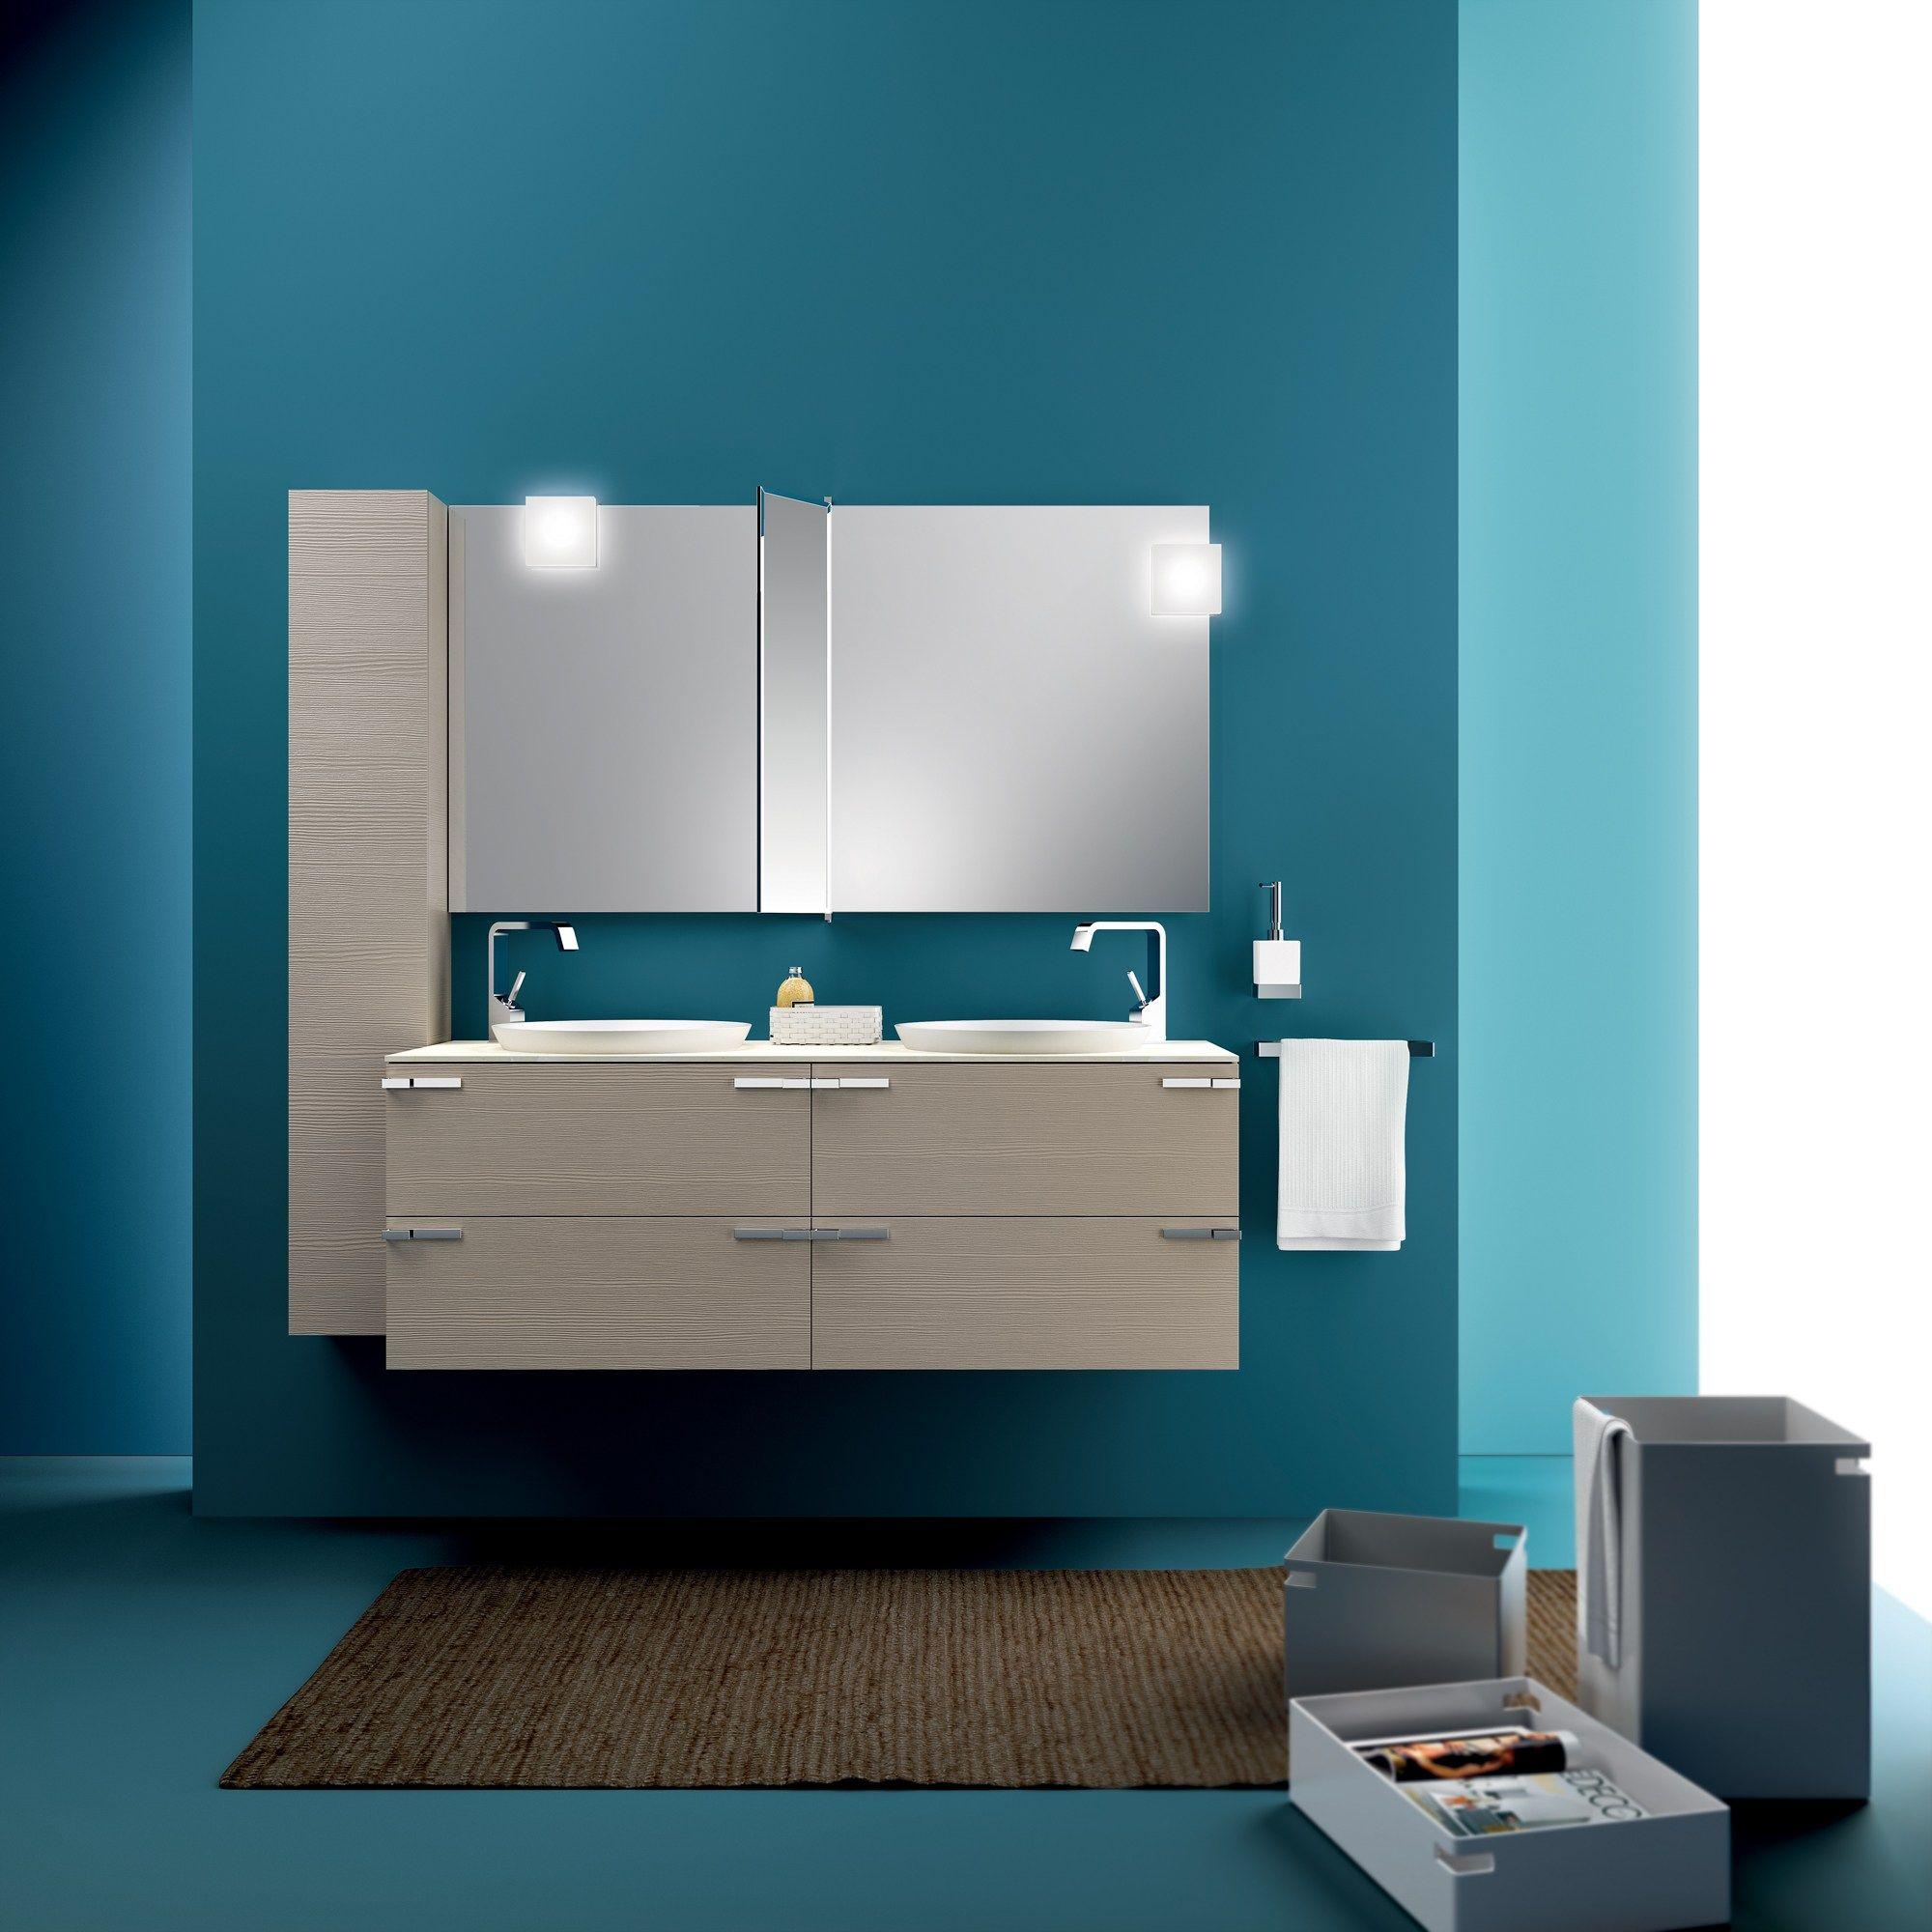 Arredo bagno completo aquo by scavolini bathrooms design for Arredo bagno scavolini